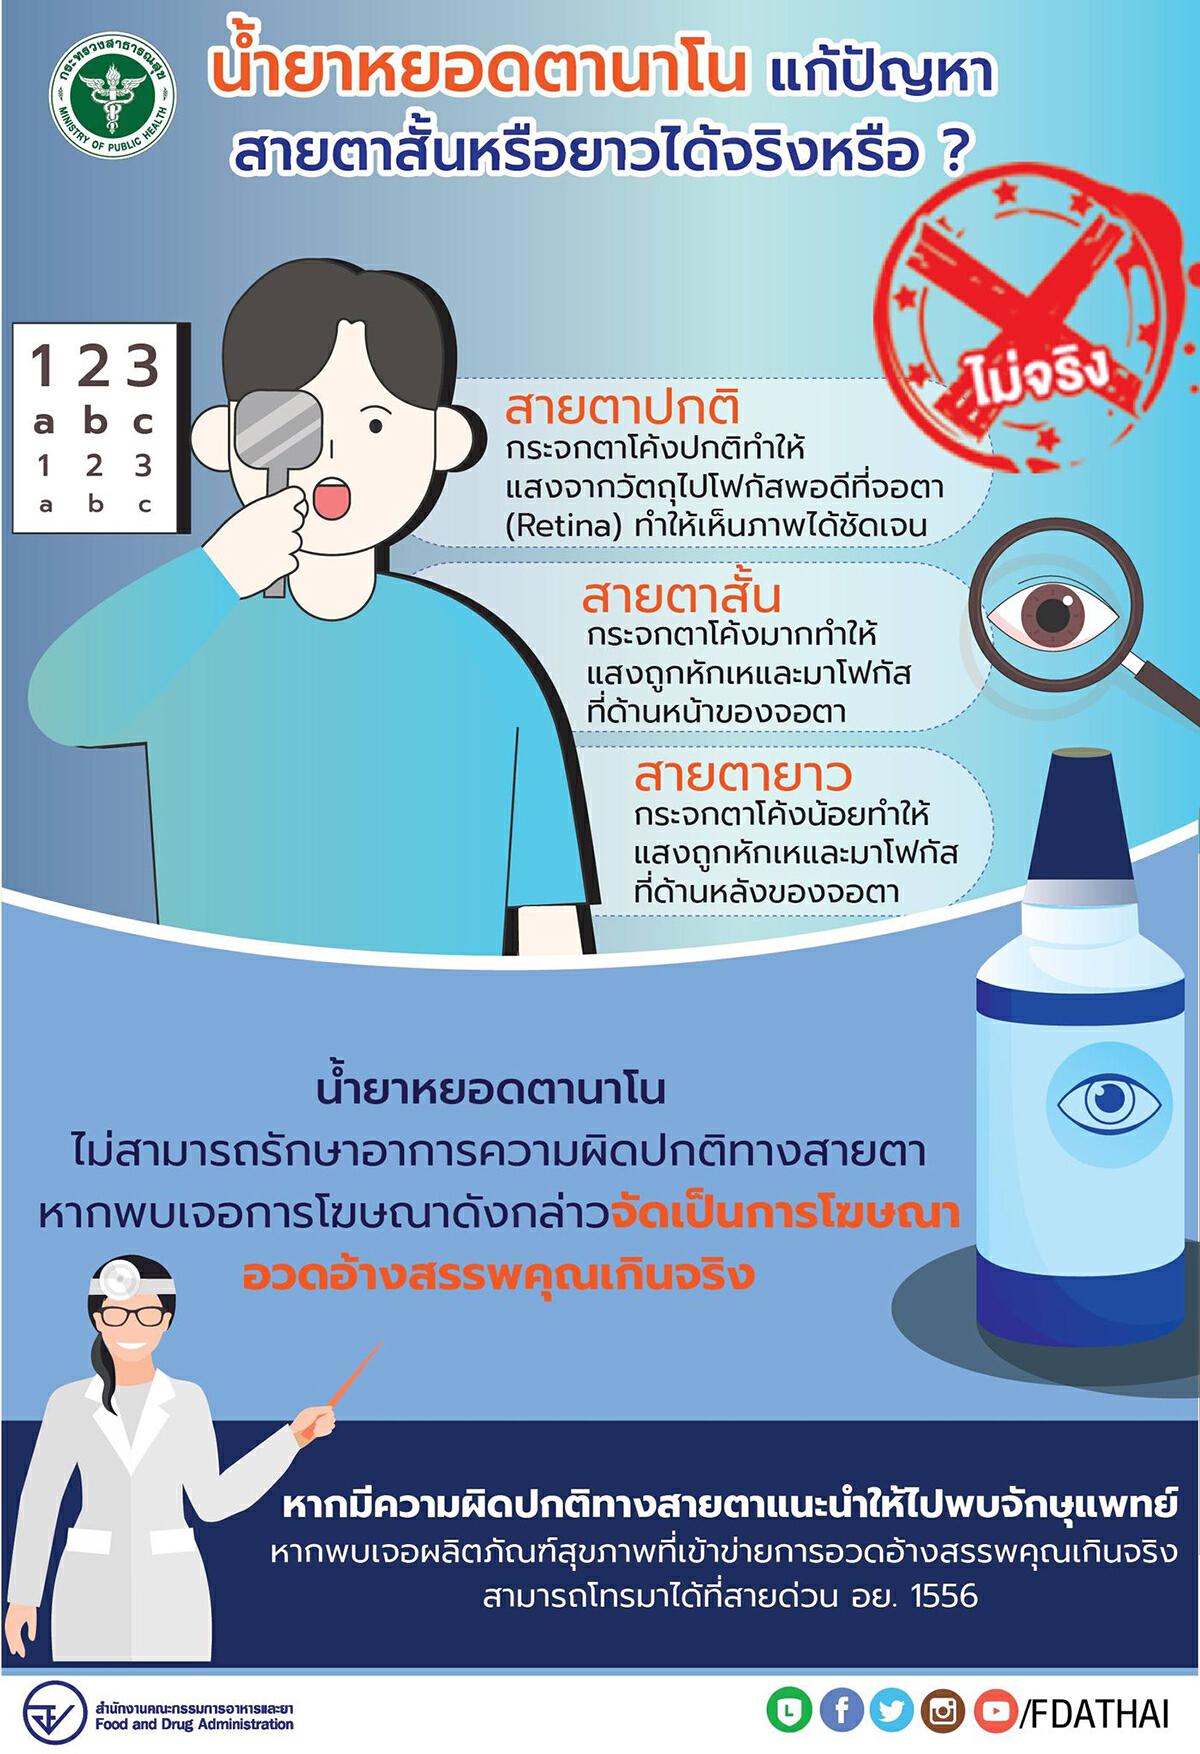 ปัญหาสายตาสั้นยาว